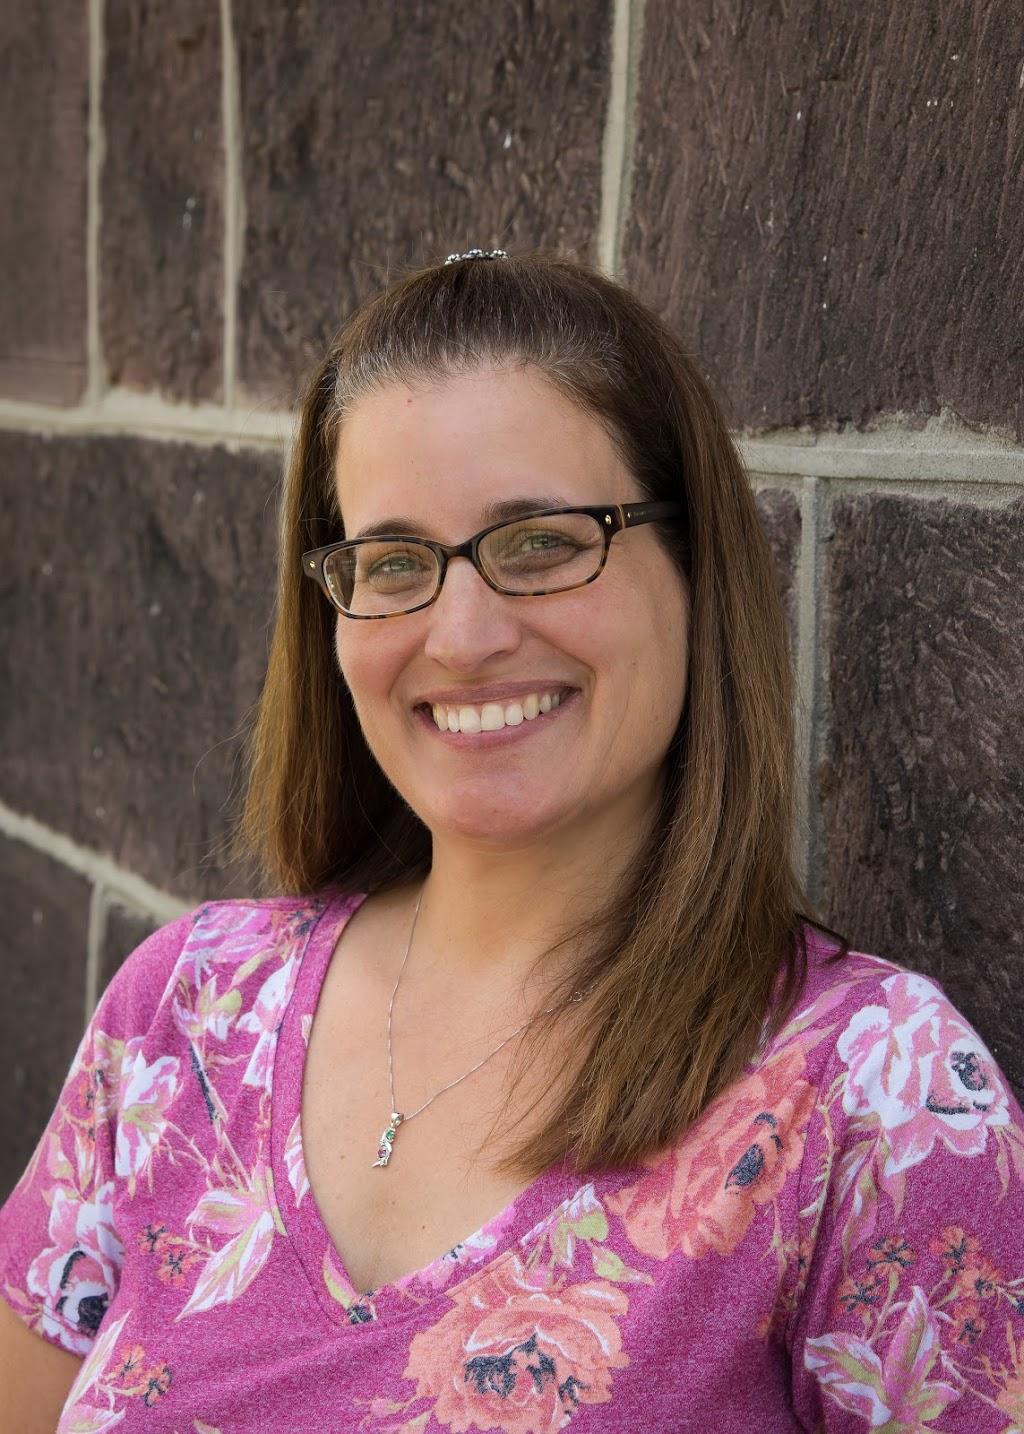 Nathalie Miller